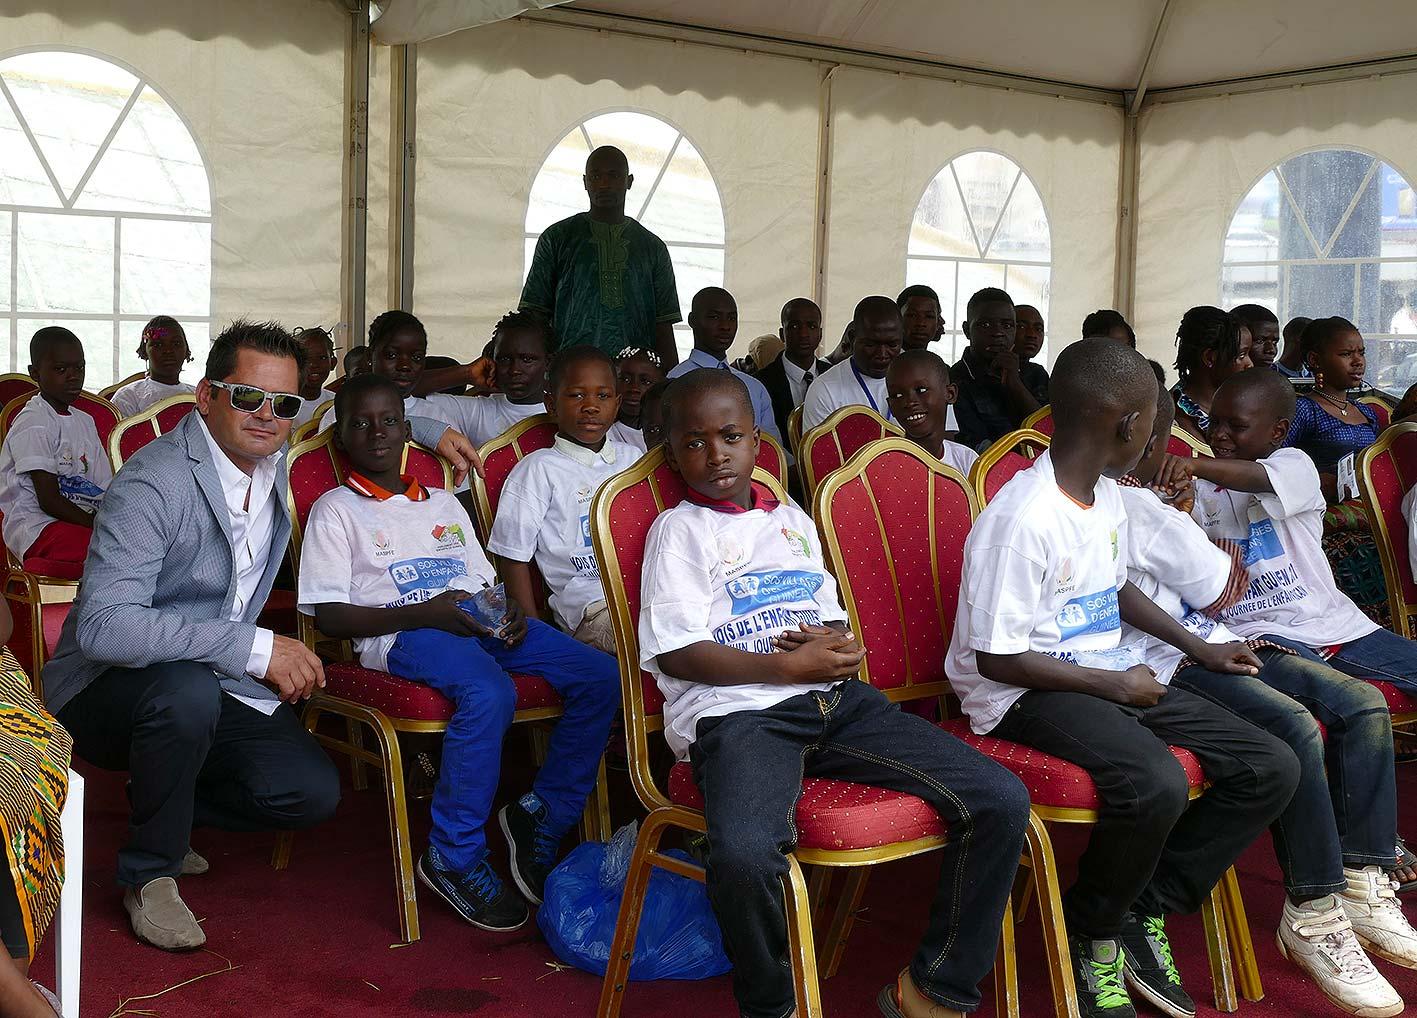 cipre_artiste_sculpteur_cipre_et_enfants_inauguration_monuments_conakry_capitale_mondiale_du_livre_2017_unesco.jpg